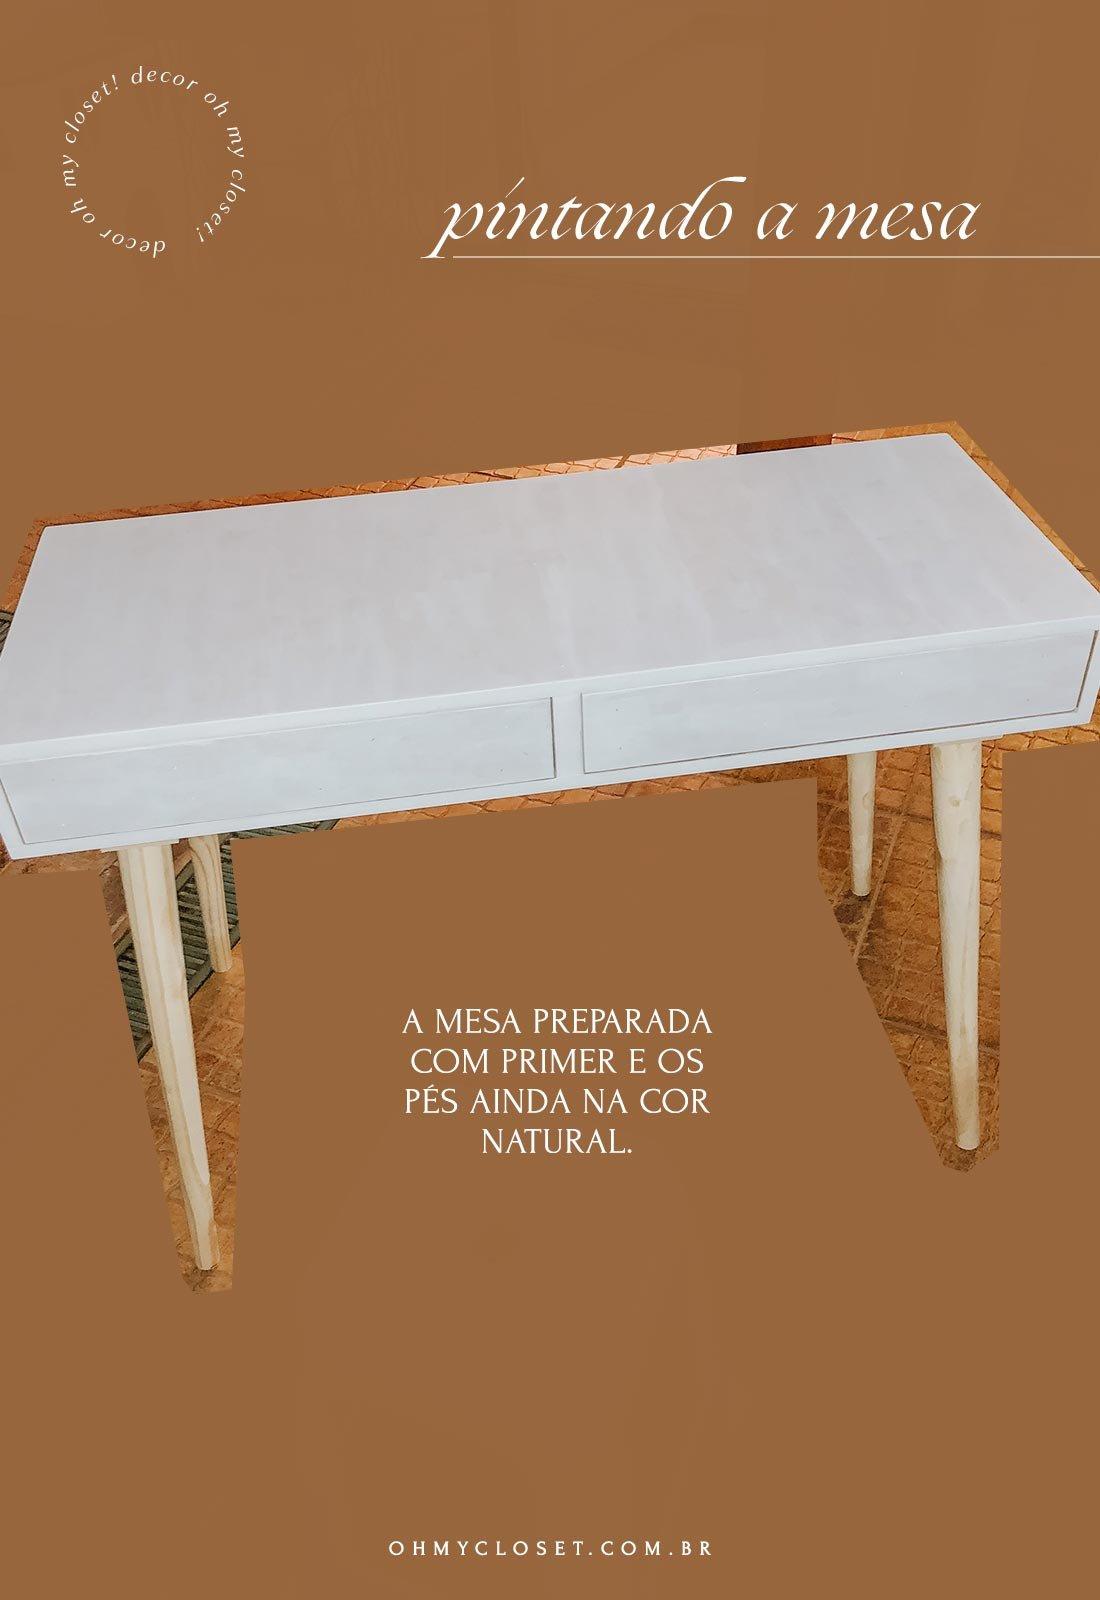 Pintando mesa em MDF para home office de baixo custo.